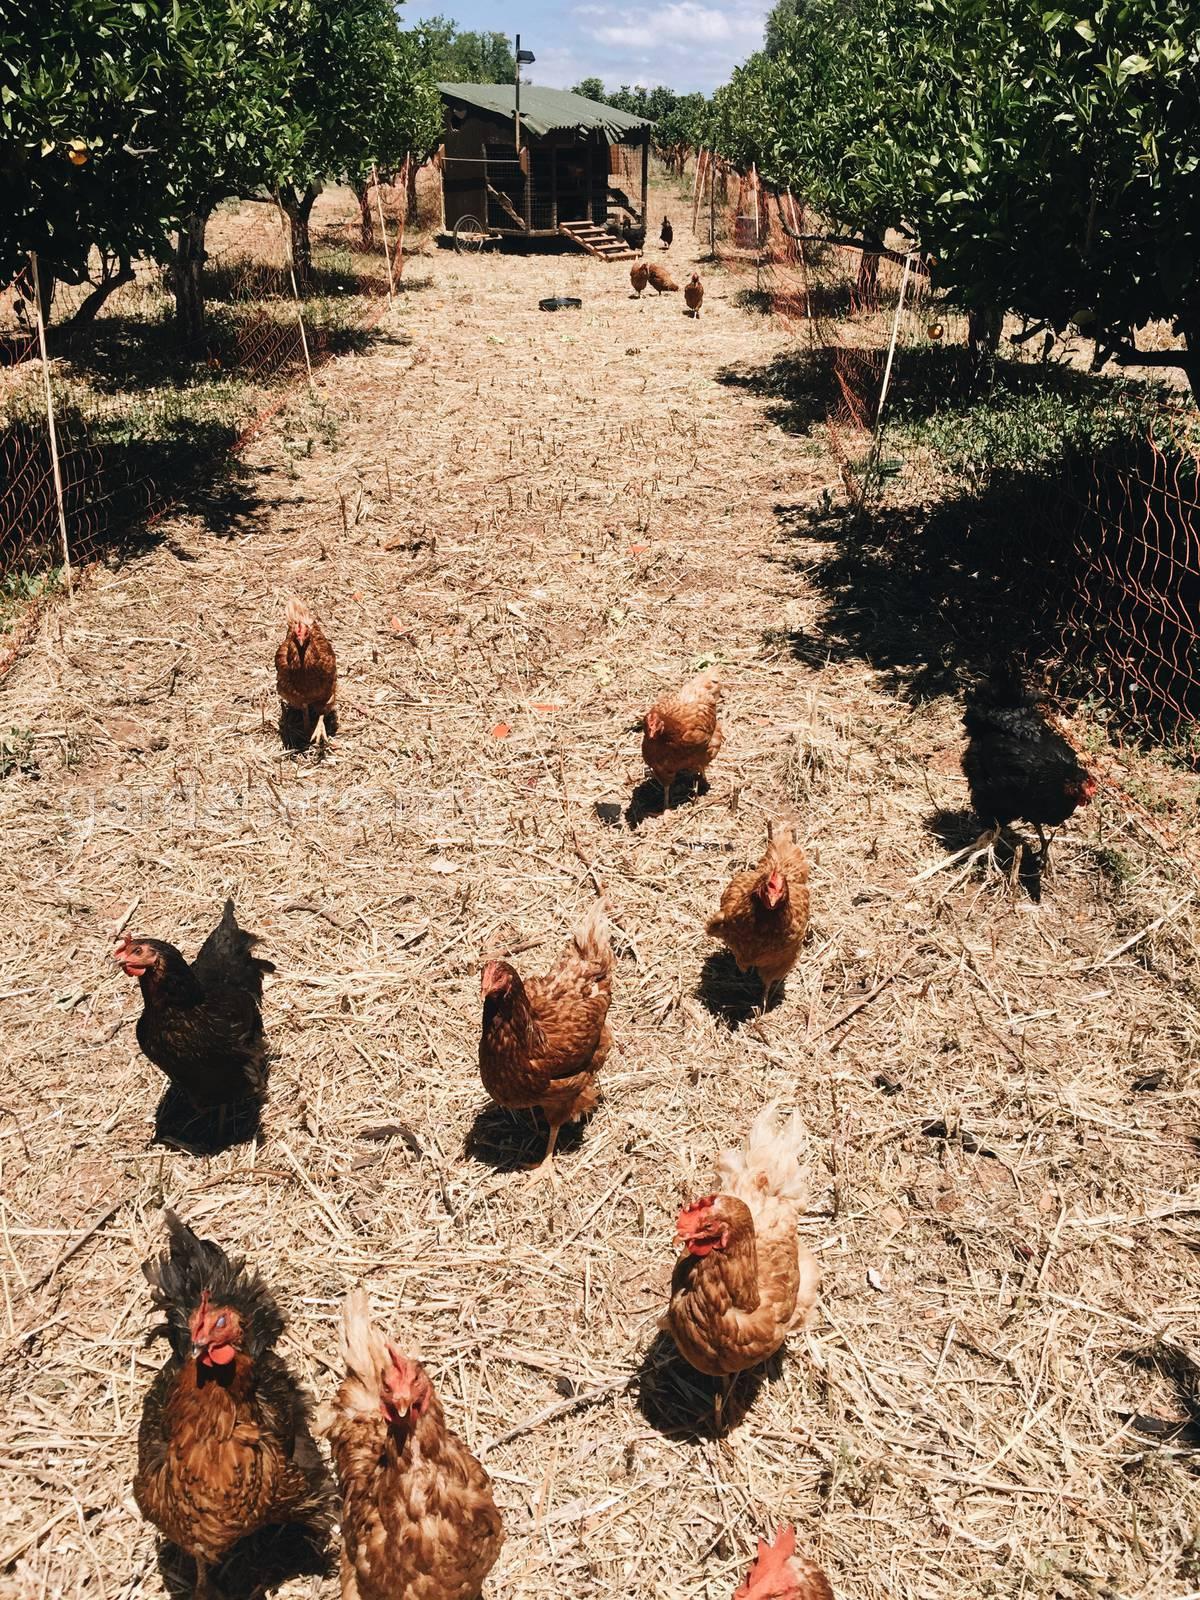 Vale da lama farm